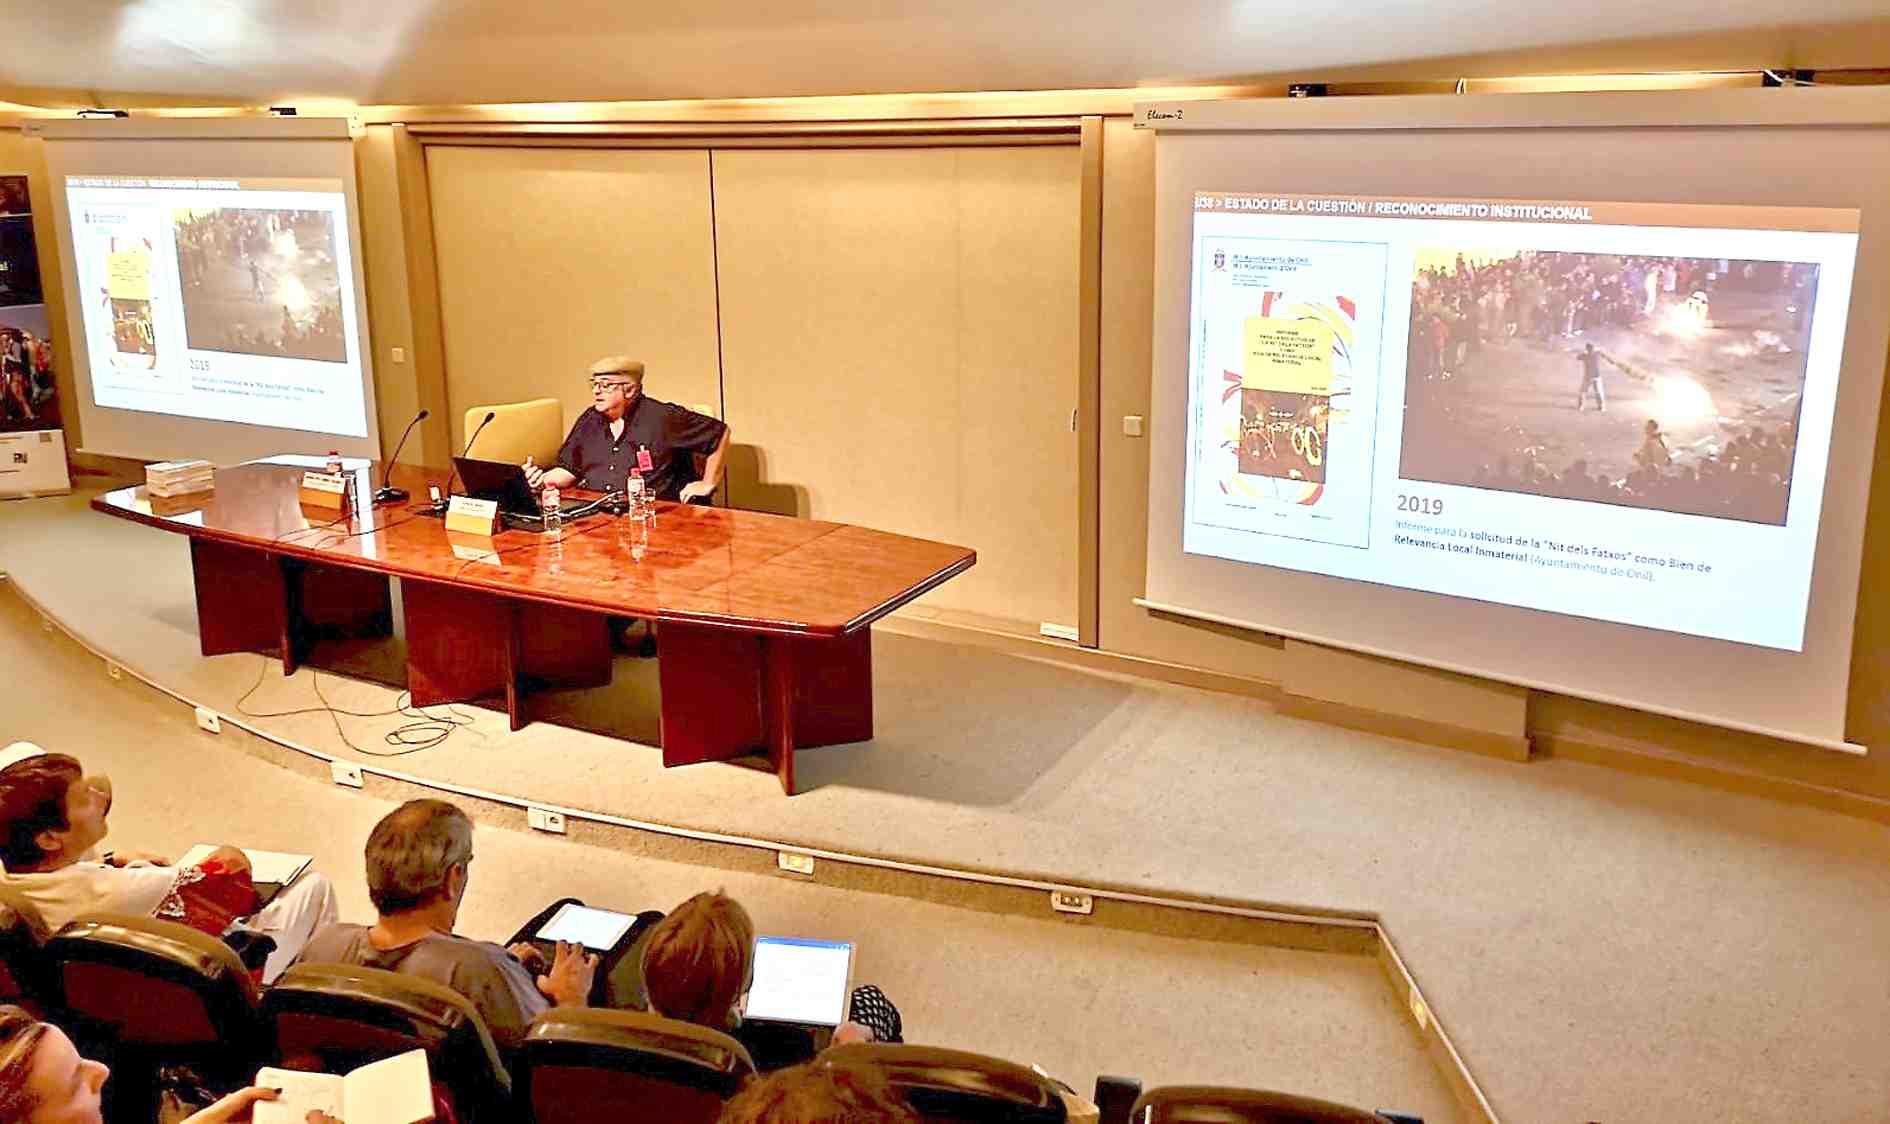 La Nit dels Fatxos d'Onil il.lustra un seminari sobre la salvaguarda del patrimoni immaterial d'Espanya